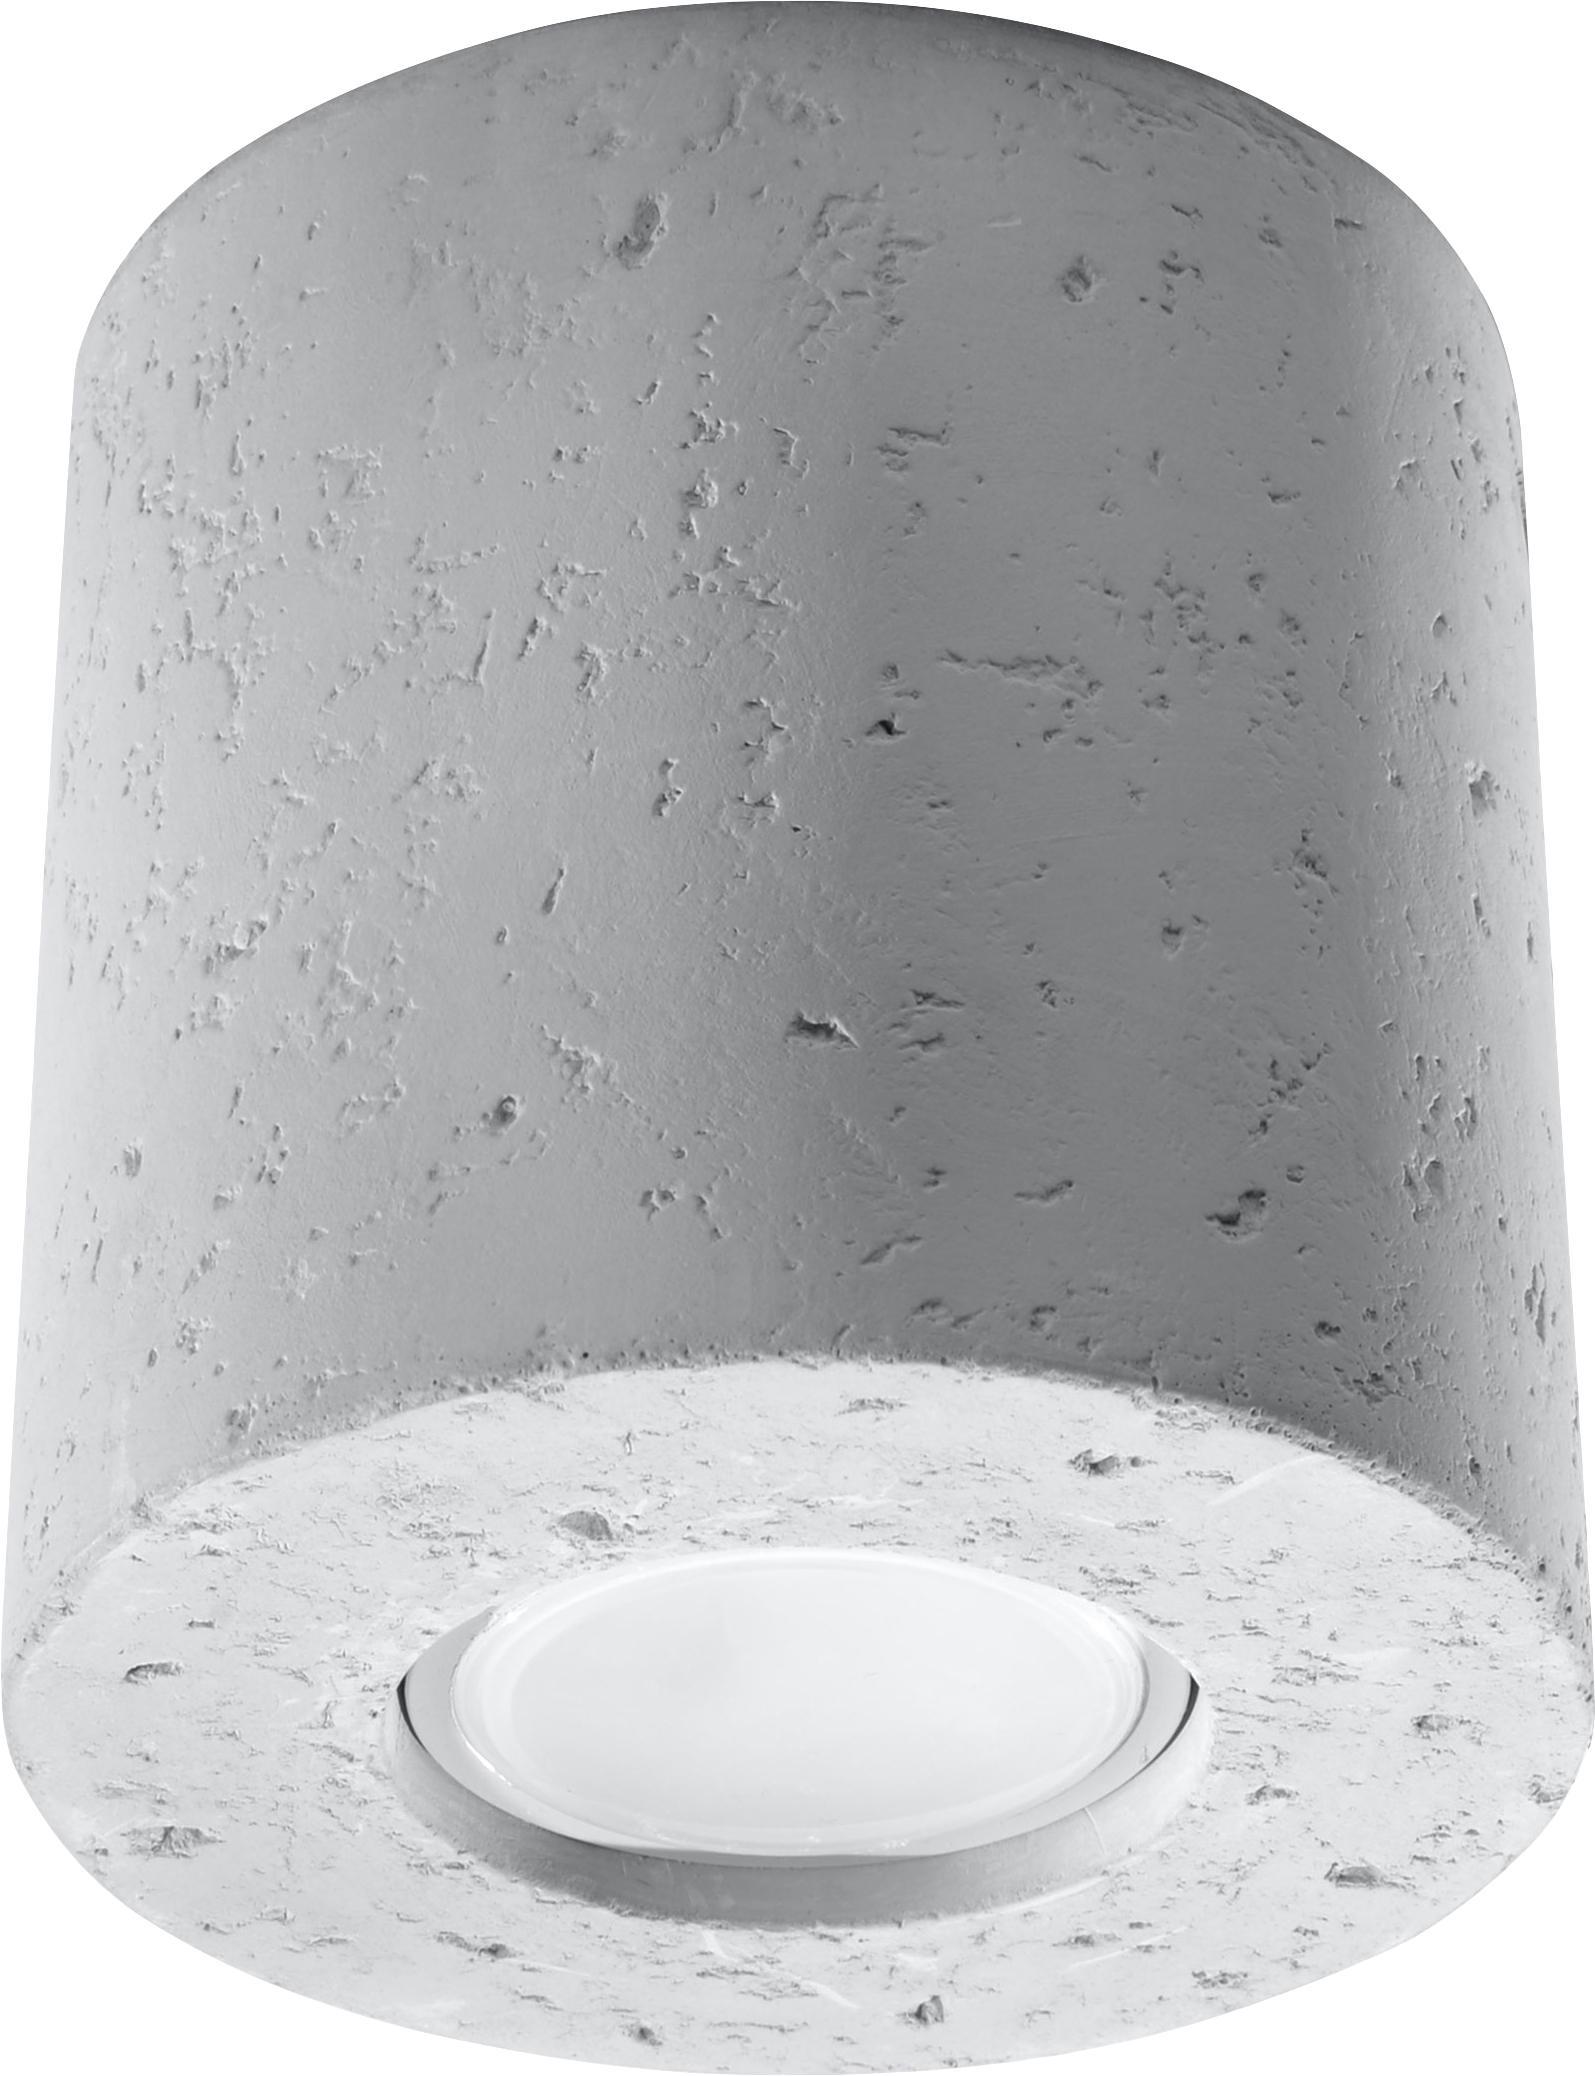 Faretto da soffitto in cemento Roda, Cemento, Grigio chiaro, Ø 10 x Alt. 12 cm